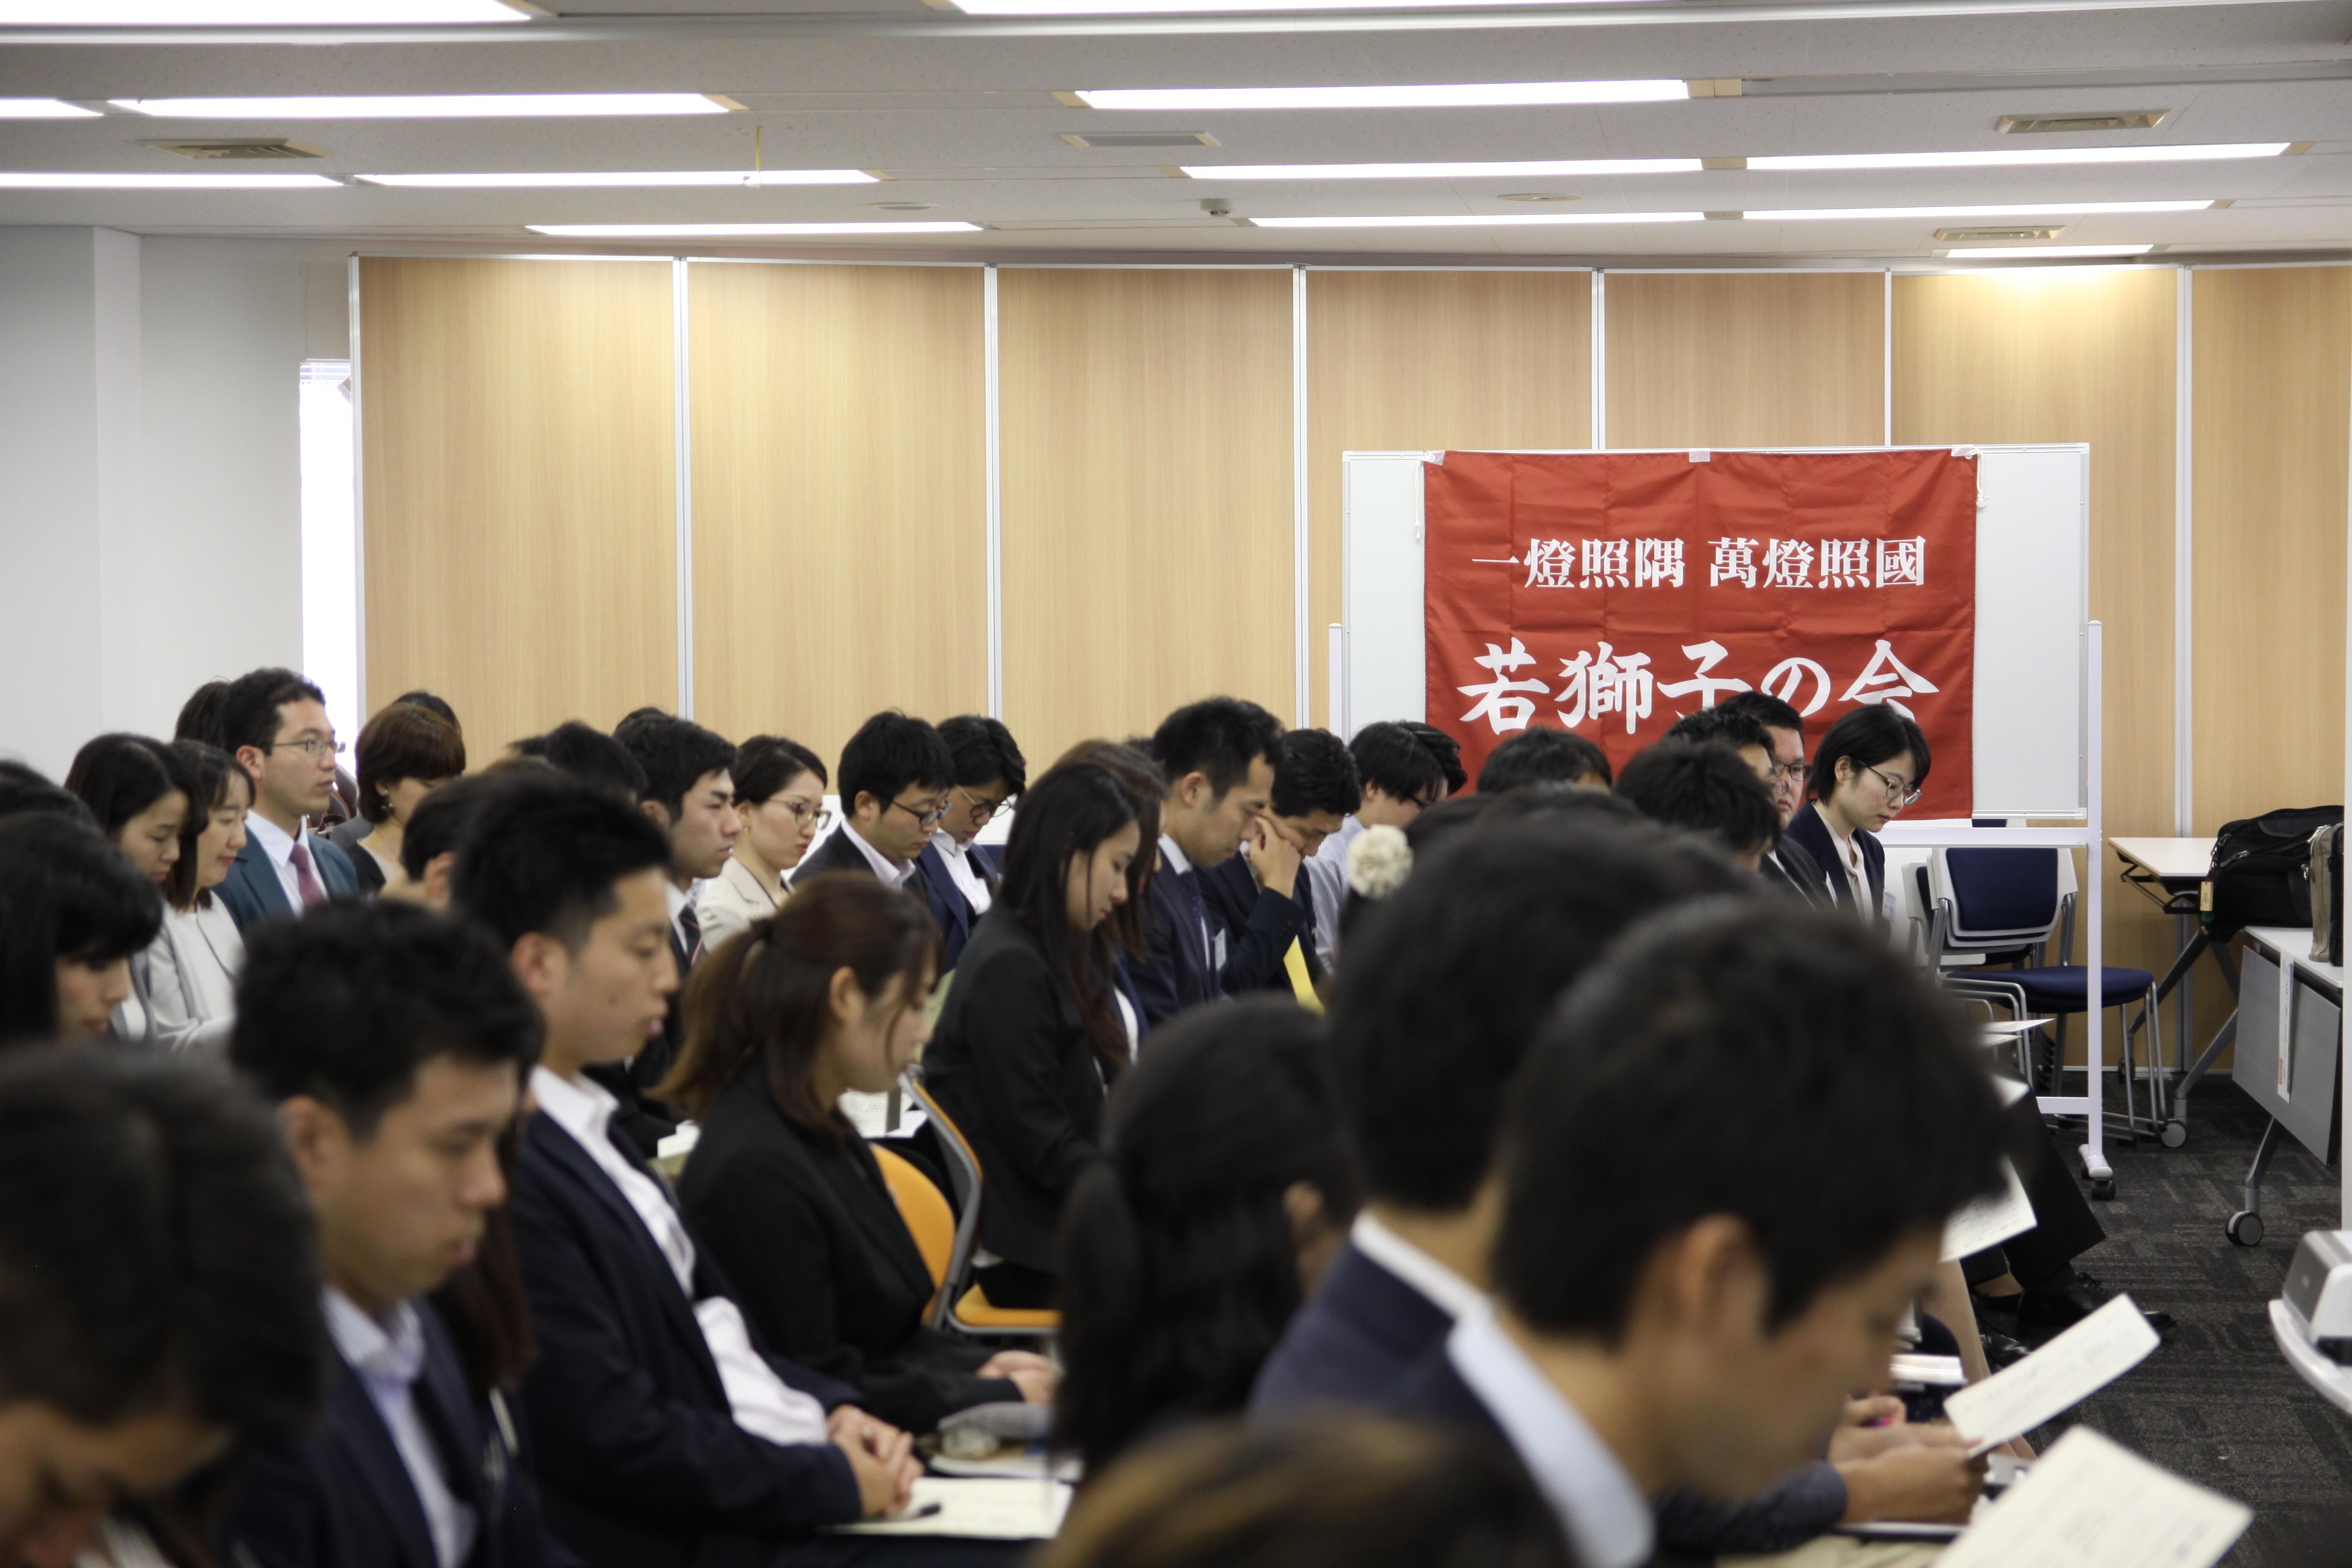 IMG 4619 - 関東若獅子の会、記念すべき第100回